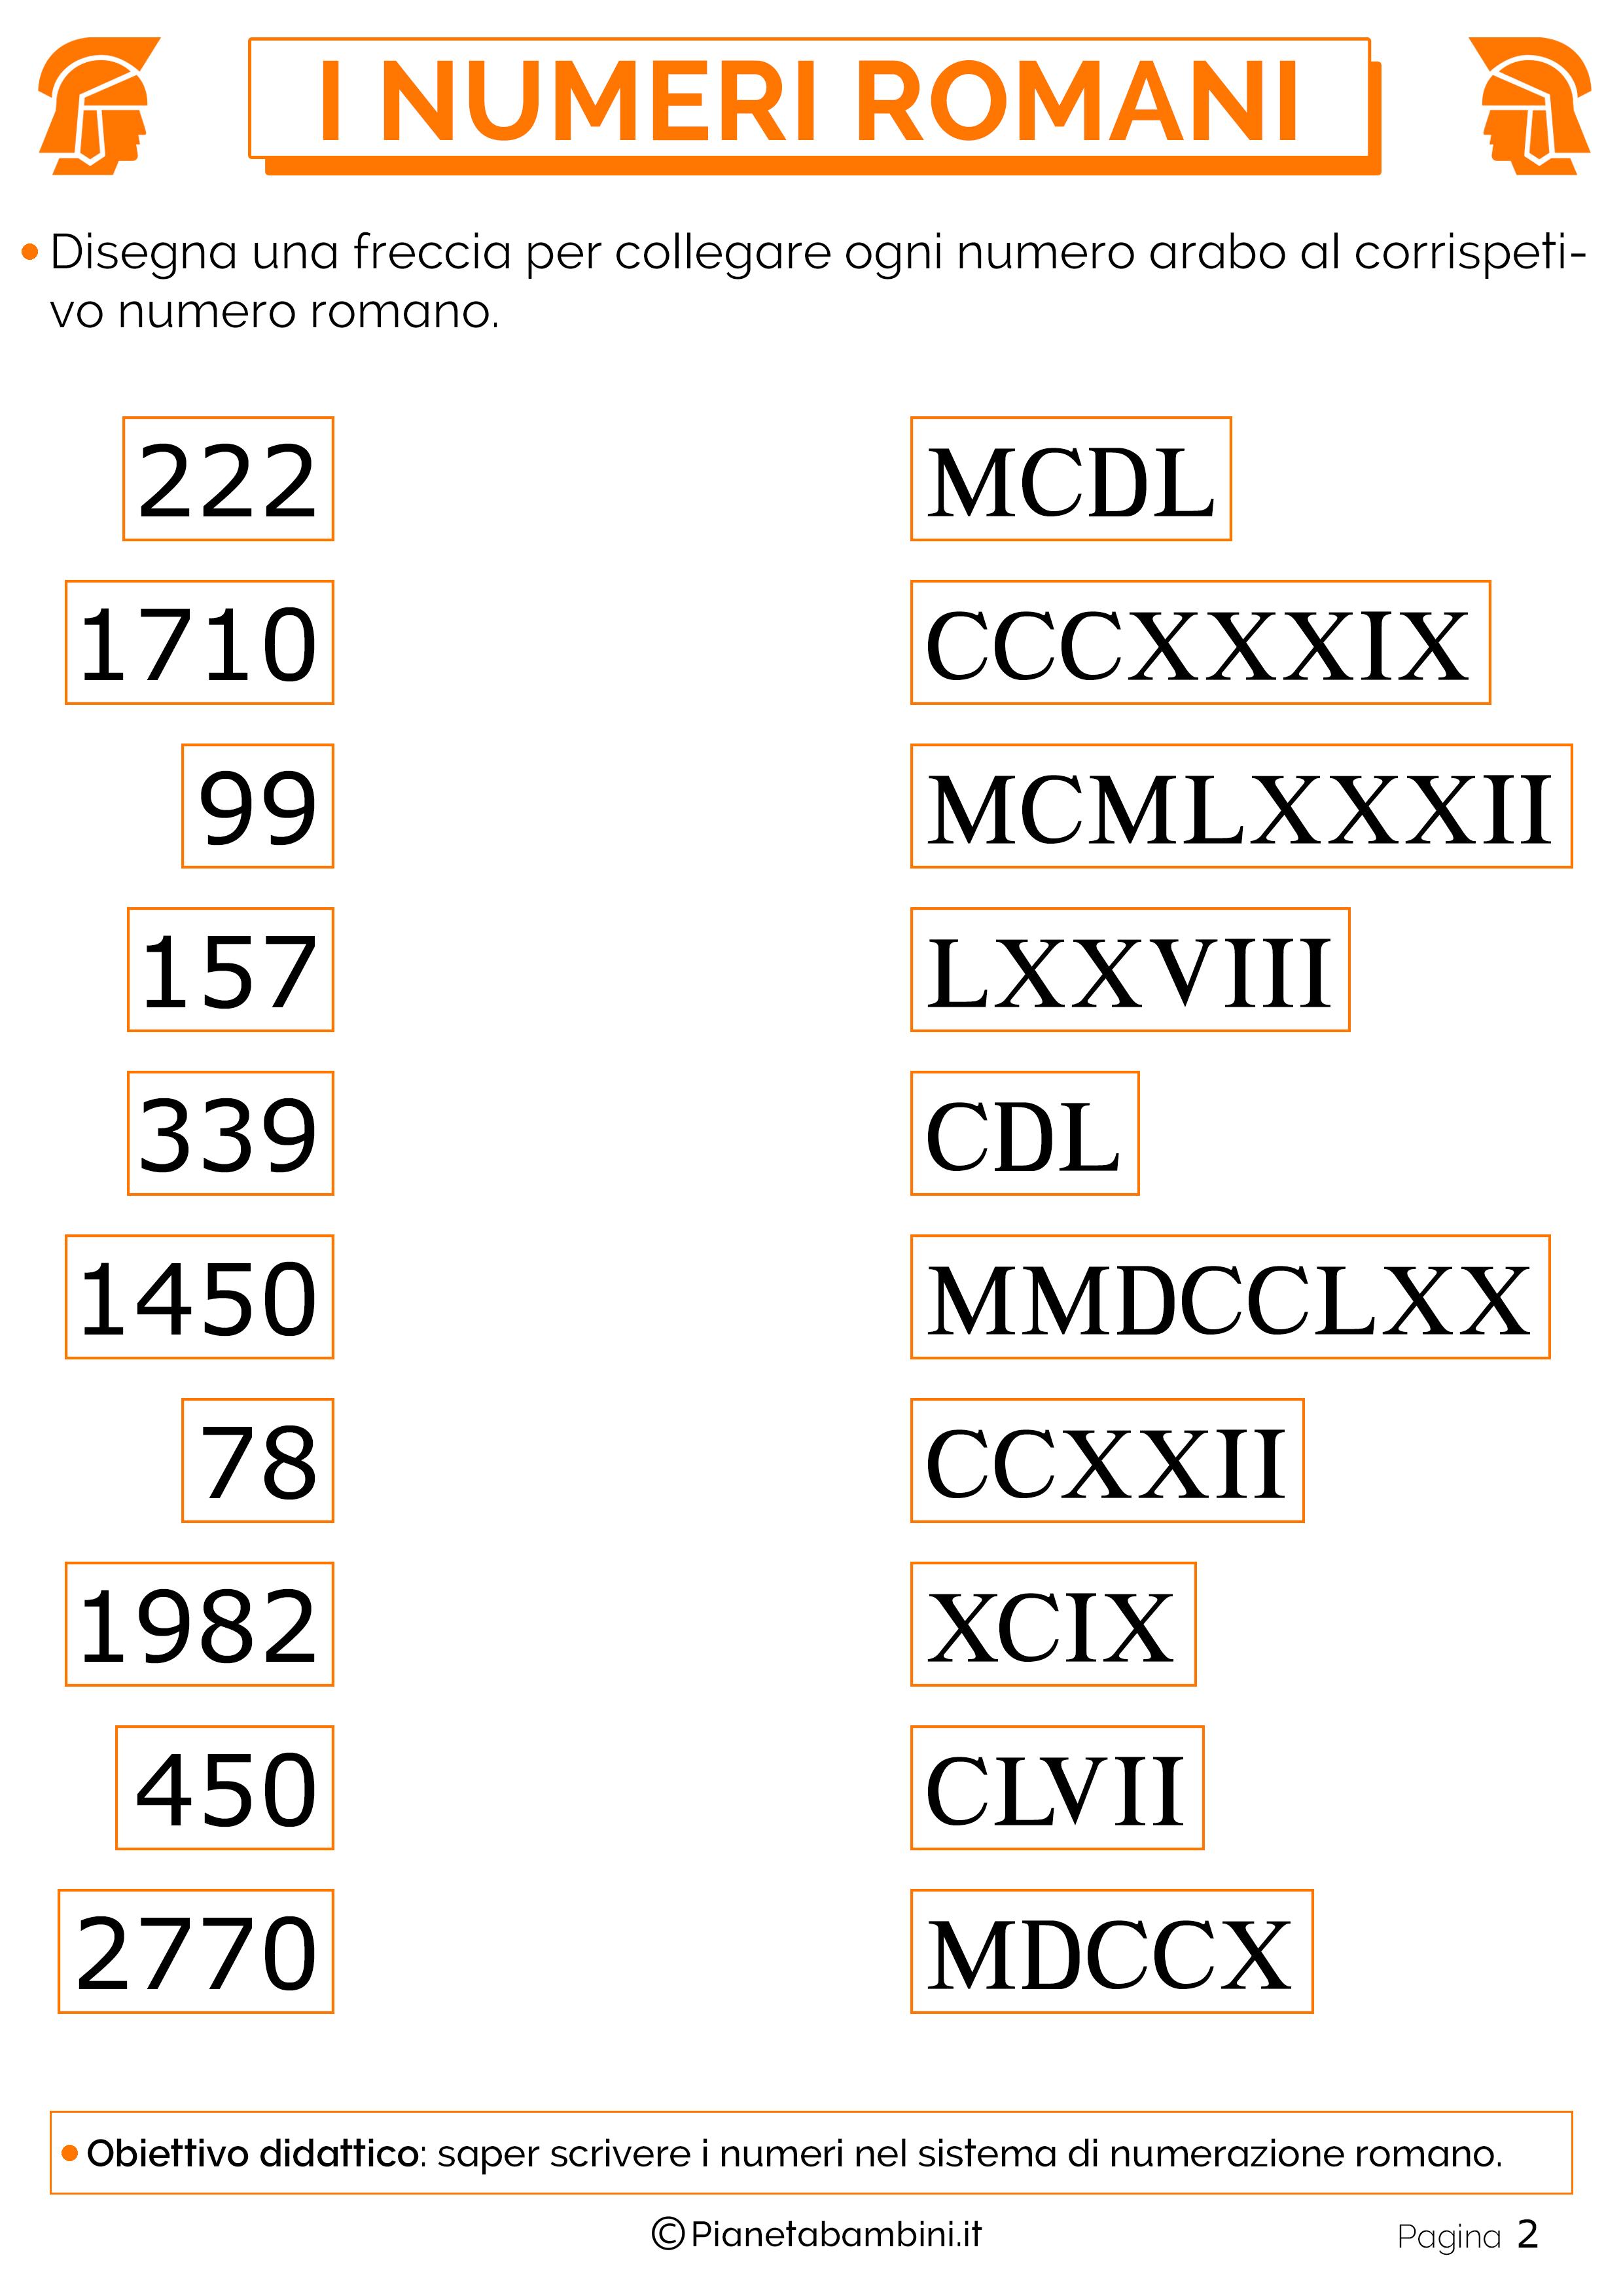 Eccezionale Esercizi sui Numeri Romani per la Scuola Primaria | PianetaBambini.it OD66